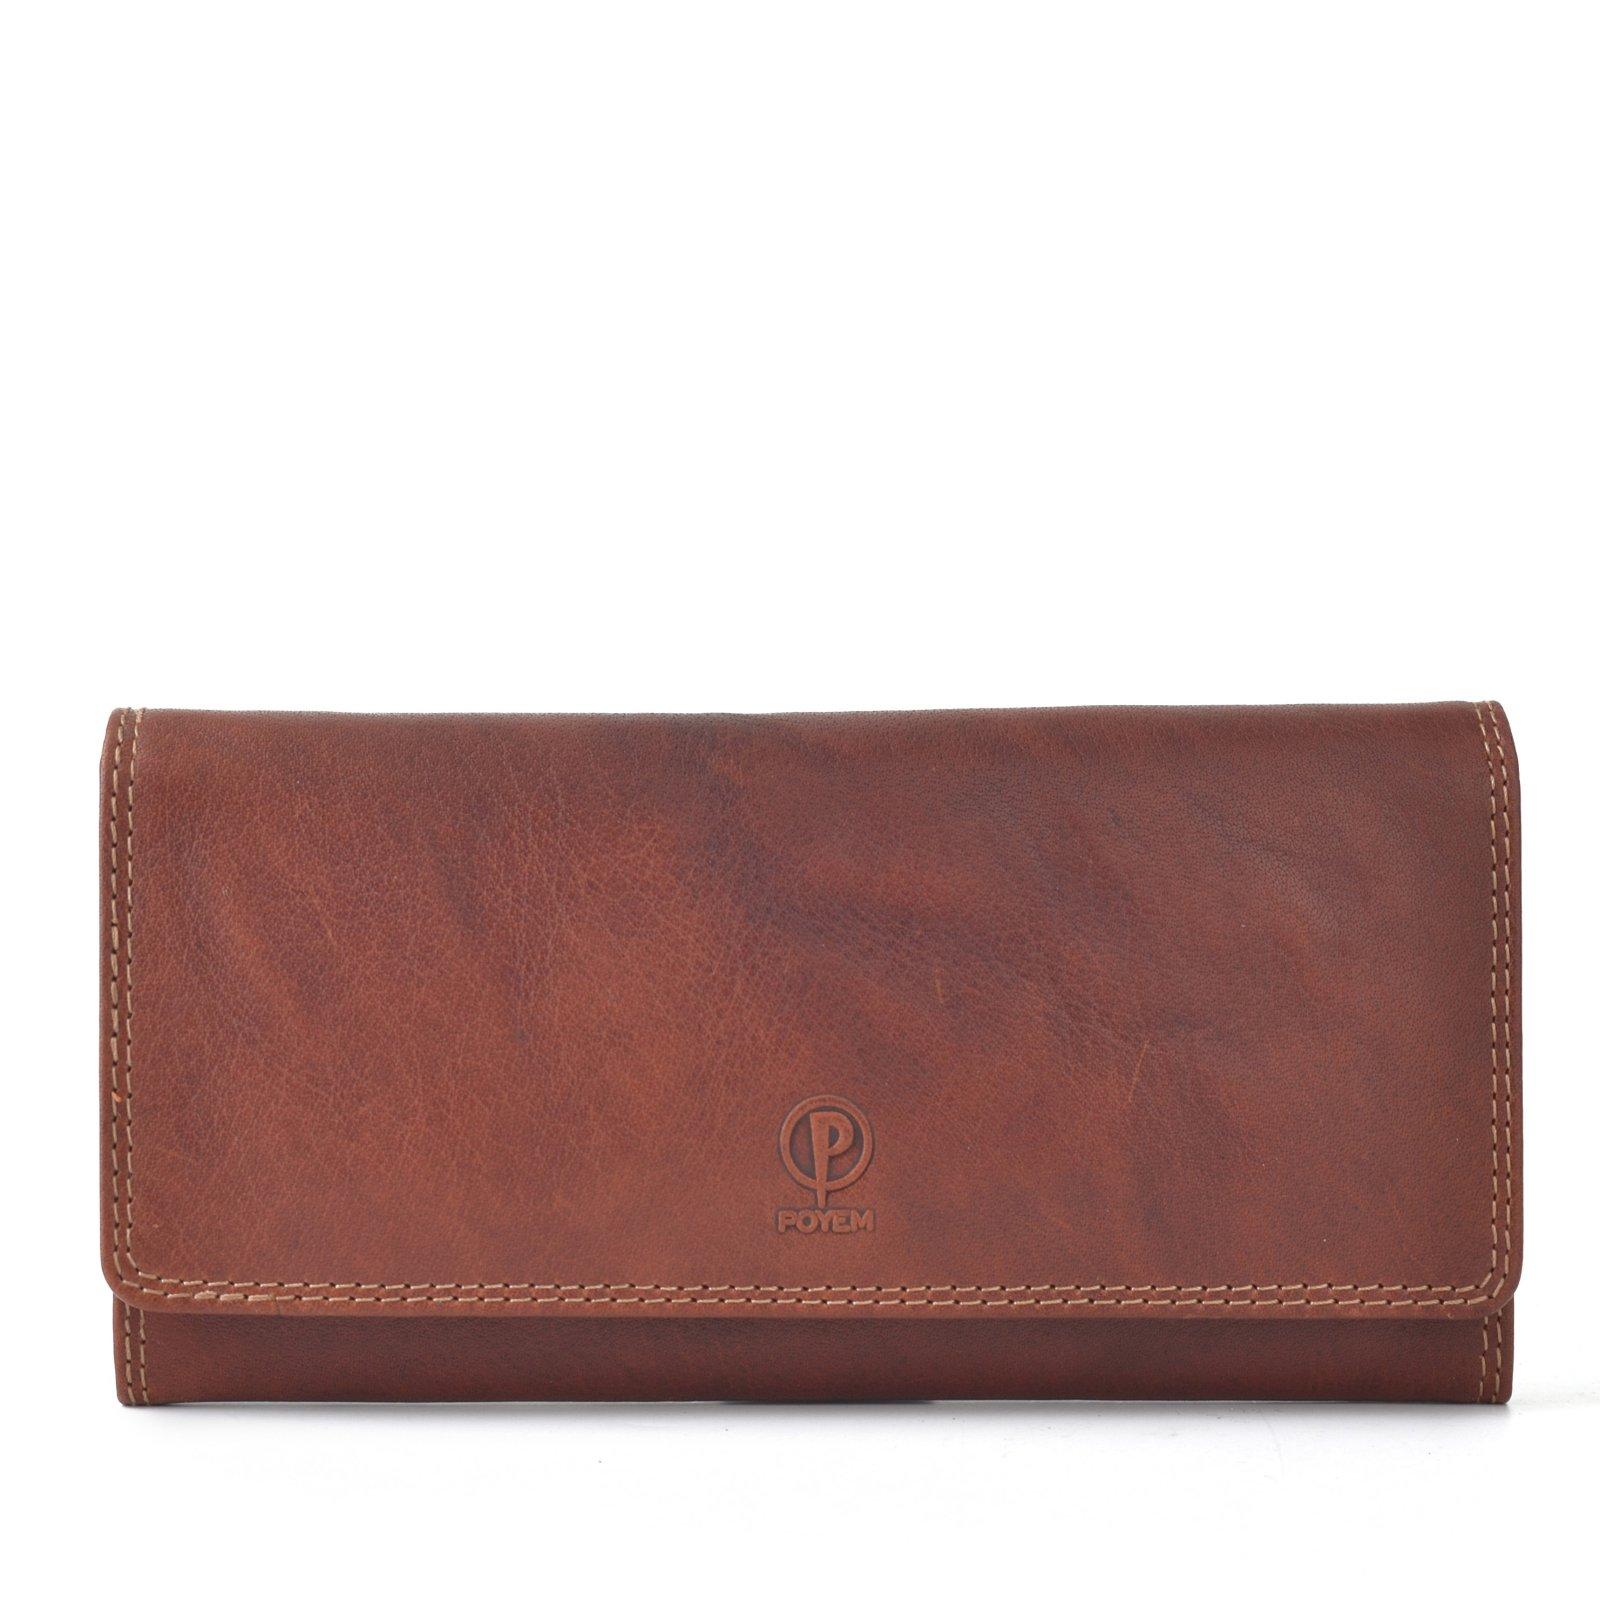 Kožená peněženka Poyem – 5214 AND KO